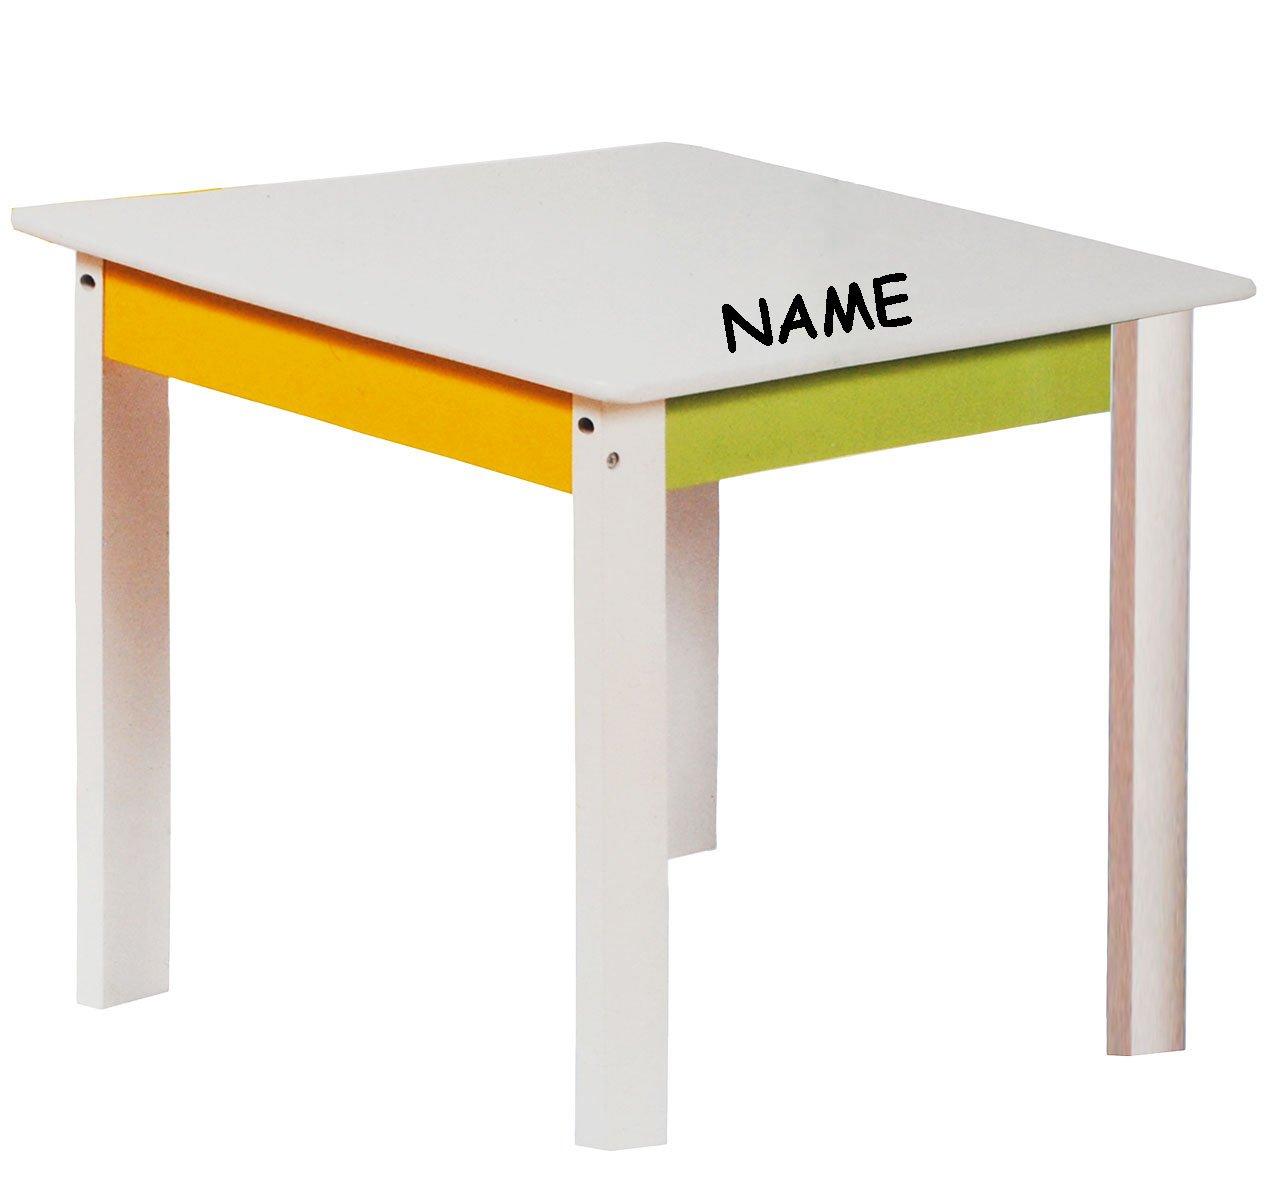 Kindertisch incl Kinderzimmer f/ür Circa 1 .. wei/ß // gr/ün // gelb Name aus sehr stabilen Holz Kinderm/öbel f/ür Jungen /& M/ädchen alles-meine.de GmbH 1 Tisch f/ür Kinder